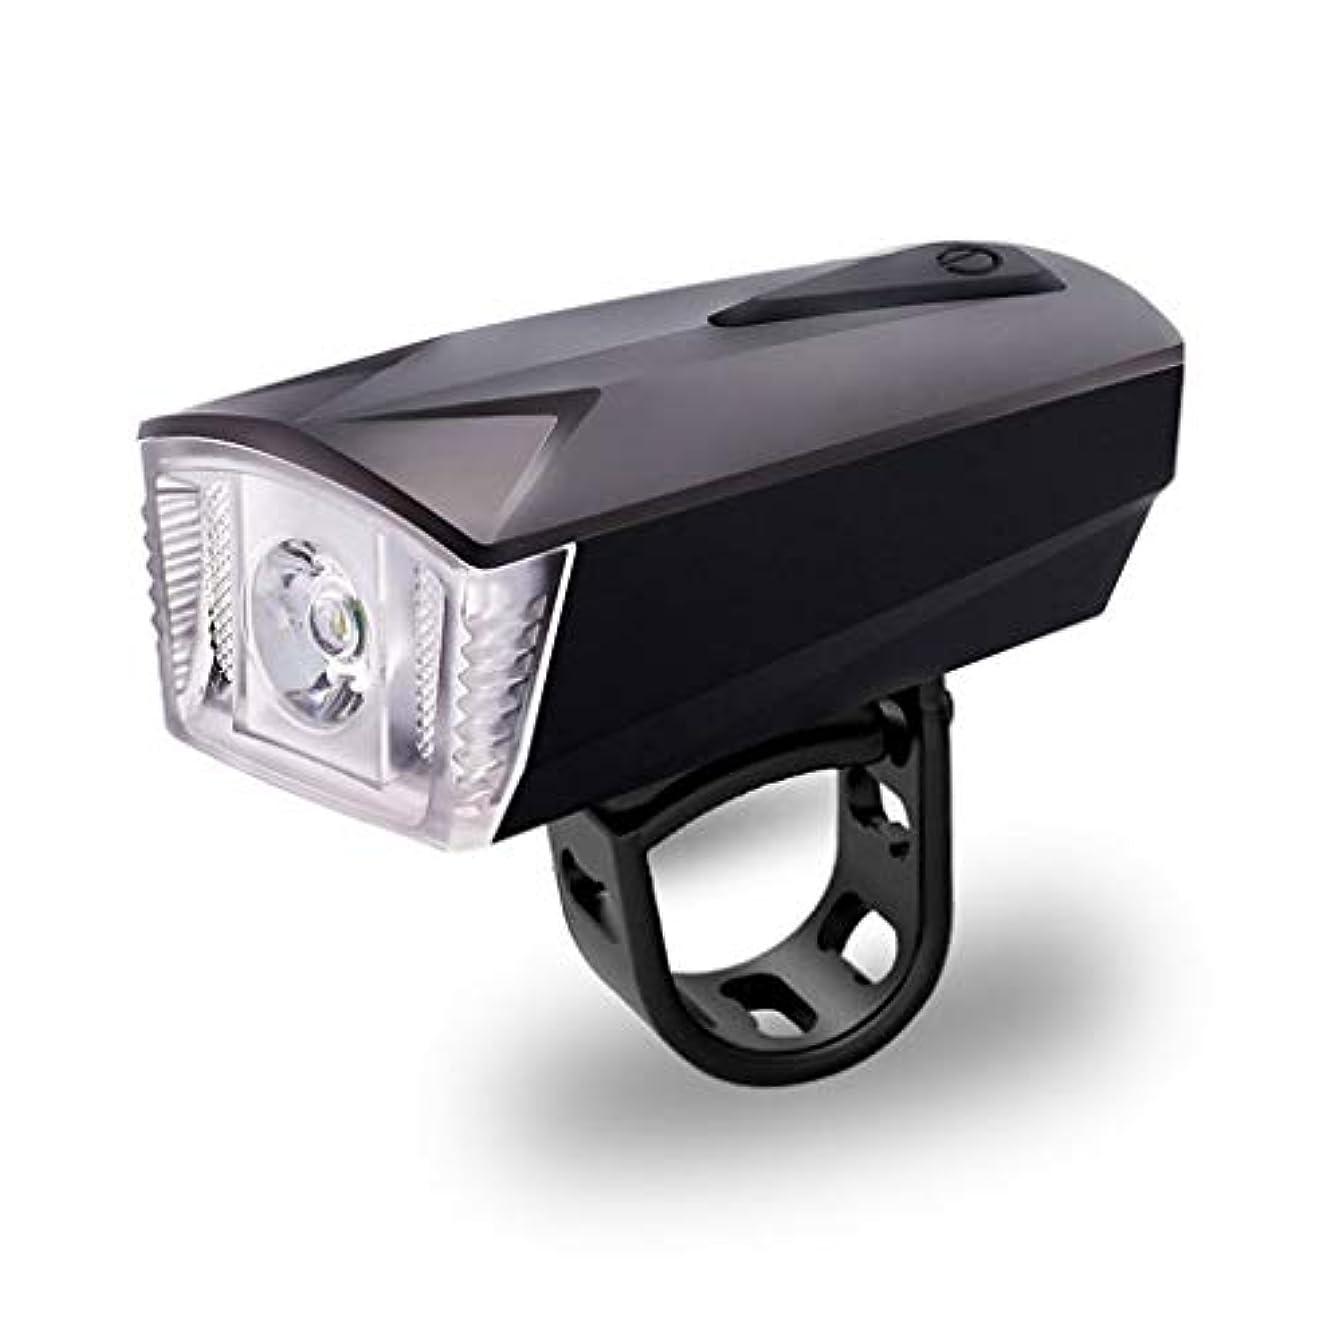 手書きサーキットに行く説明するヘッドライト リアバイクテールライト超明るい自転車防水USB充電式自転車ライト、ヘルメットライトバックパックライト自転車リアライト